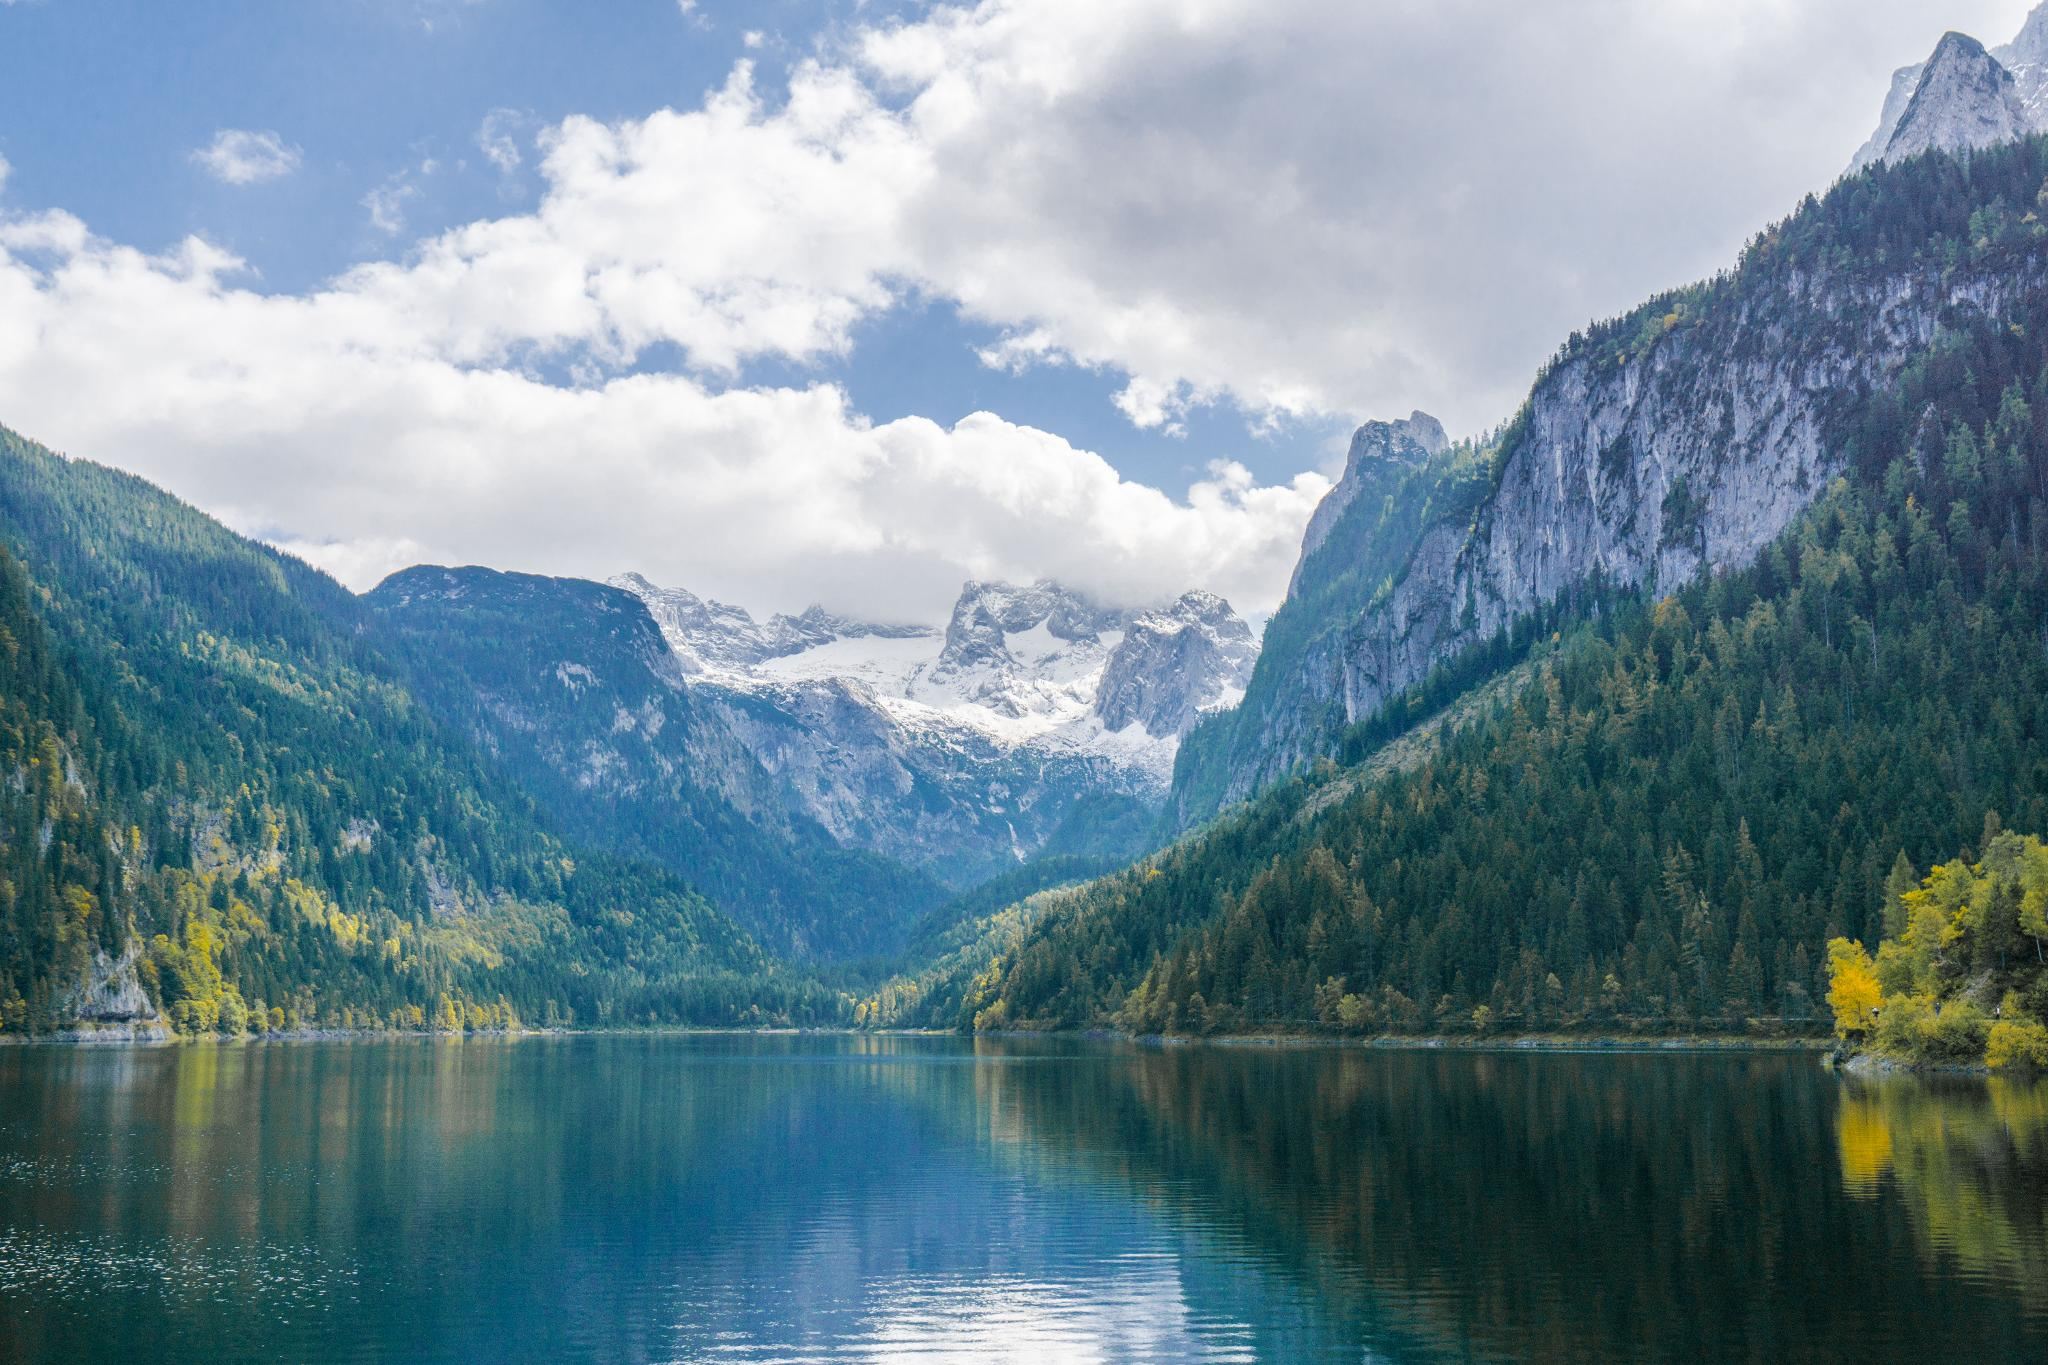 【奧地利】遠離塵囂!哈修塔特周邊的絕美湖泊 — 高薩湖 Gosausee 湖濱散記 12